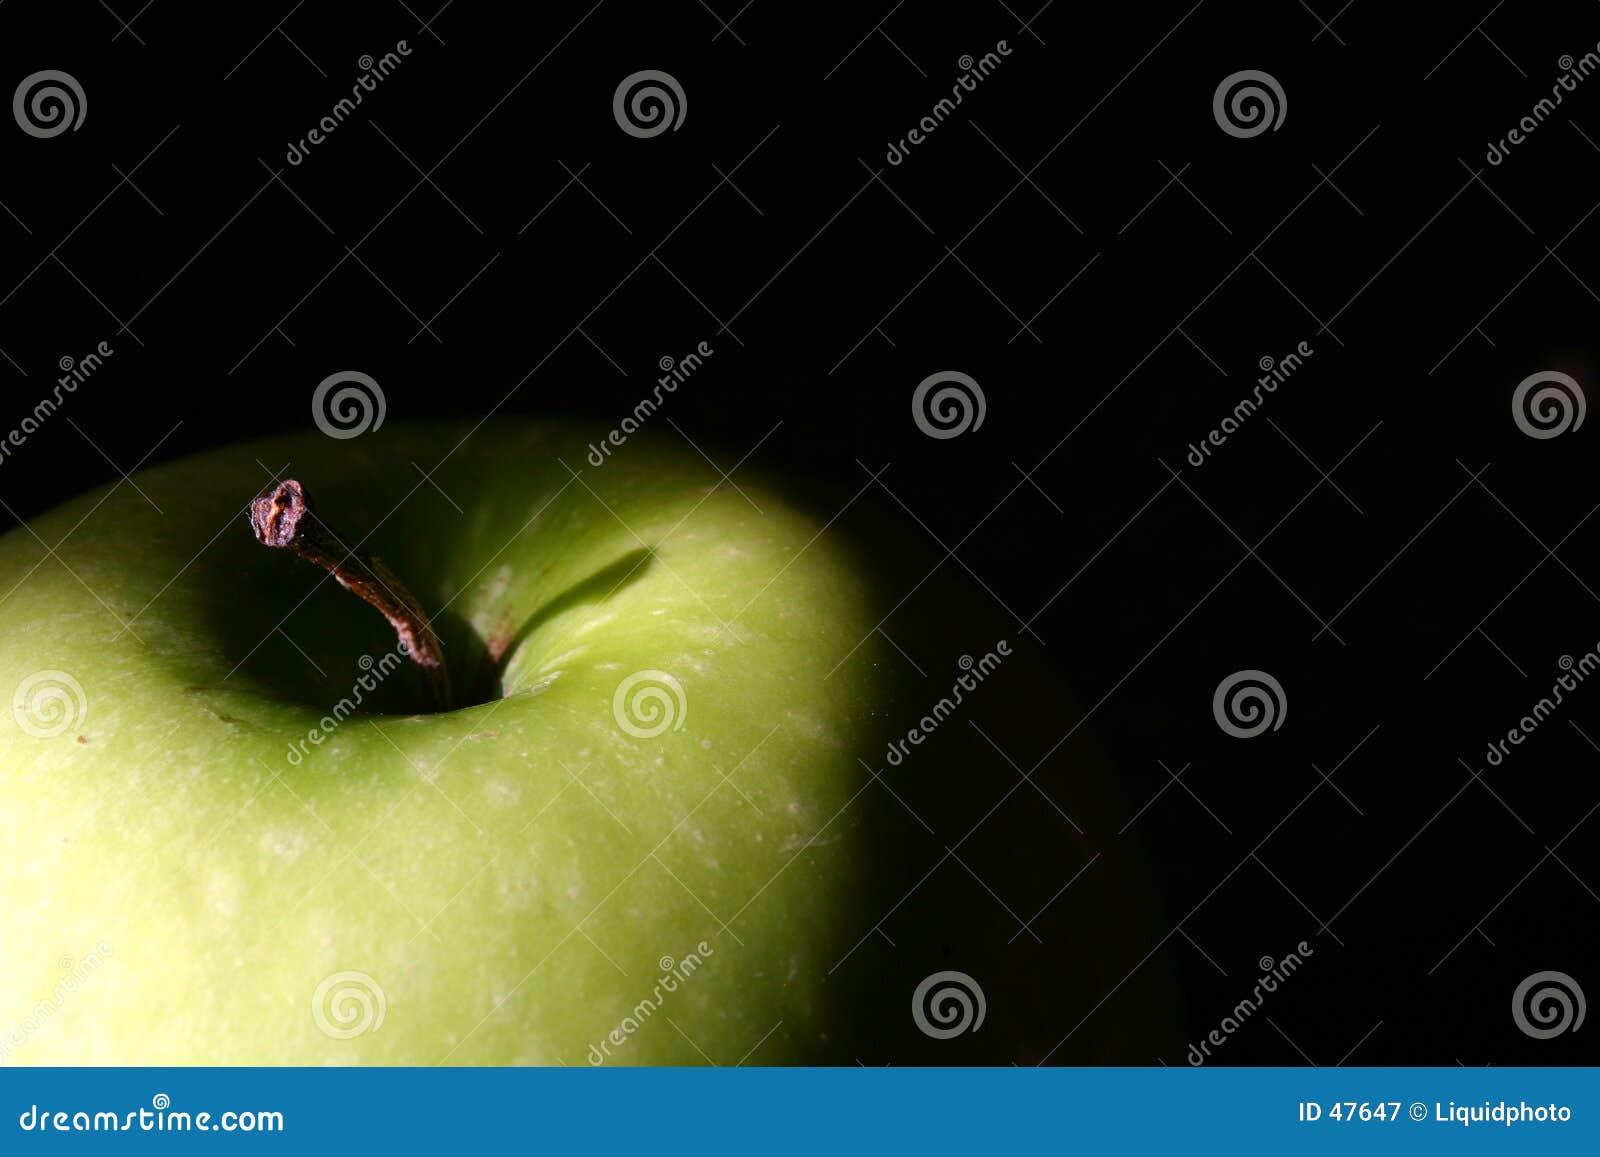 Grüne Apple-Oberseite auf Schwarzem